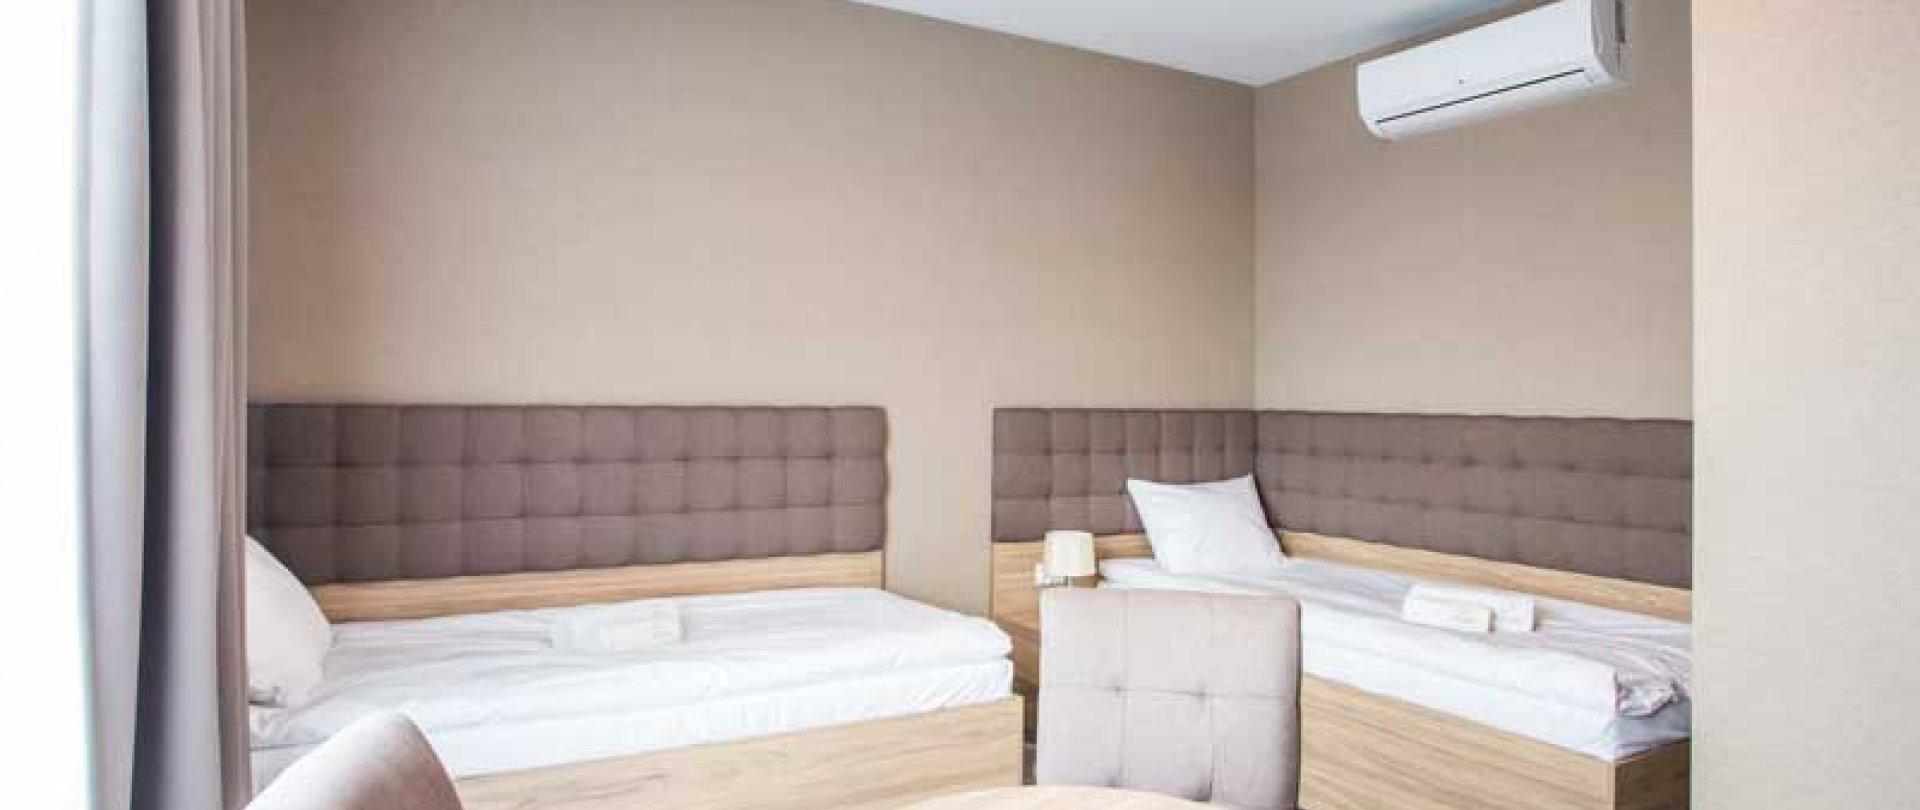 Pokój typu STUDIO - 4 łóżka